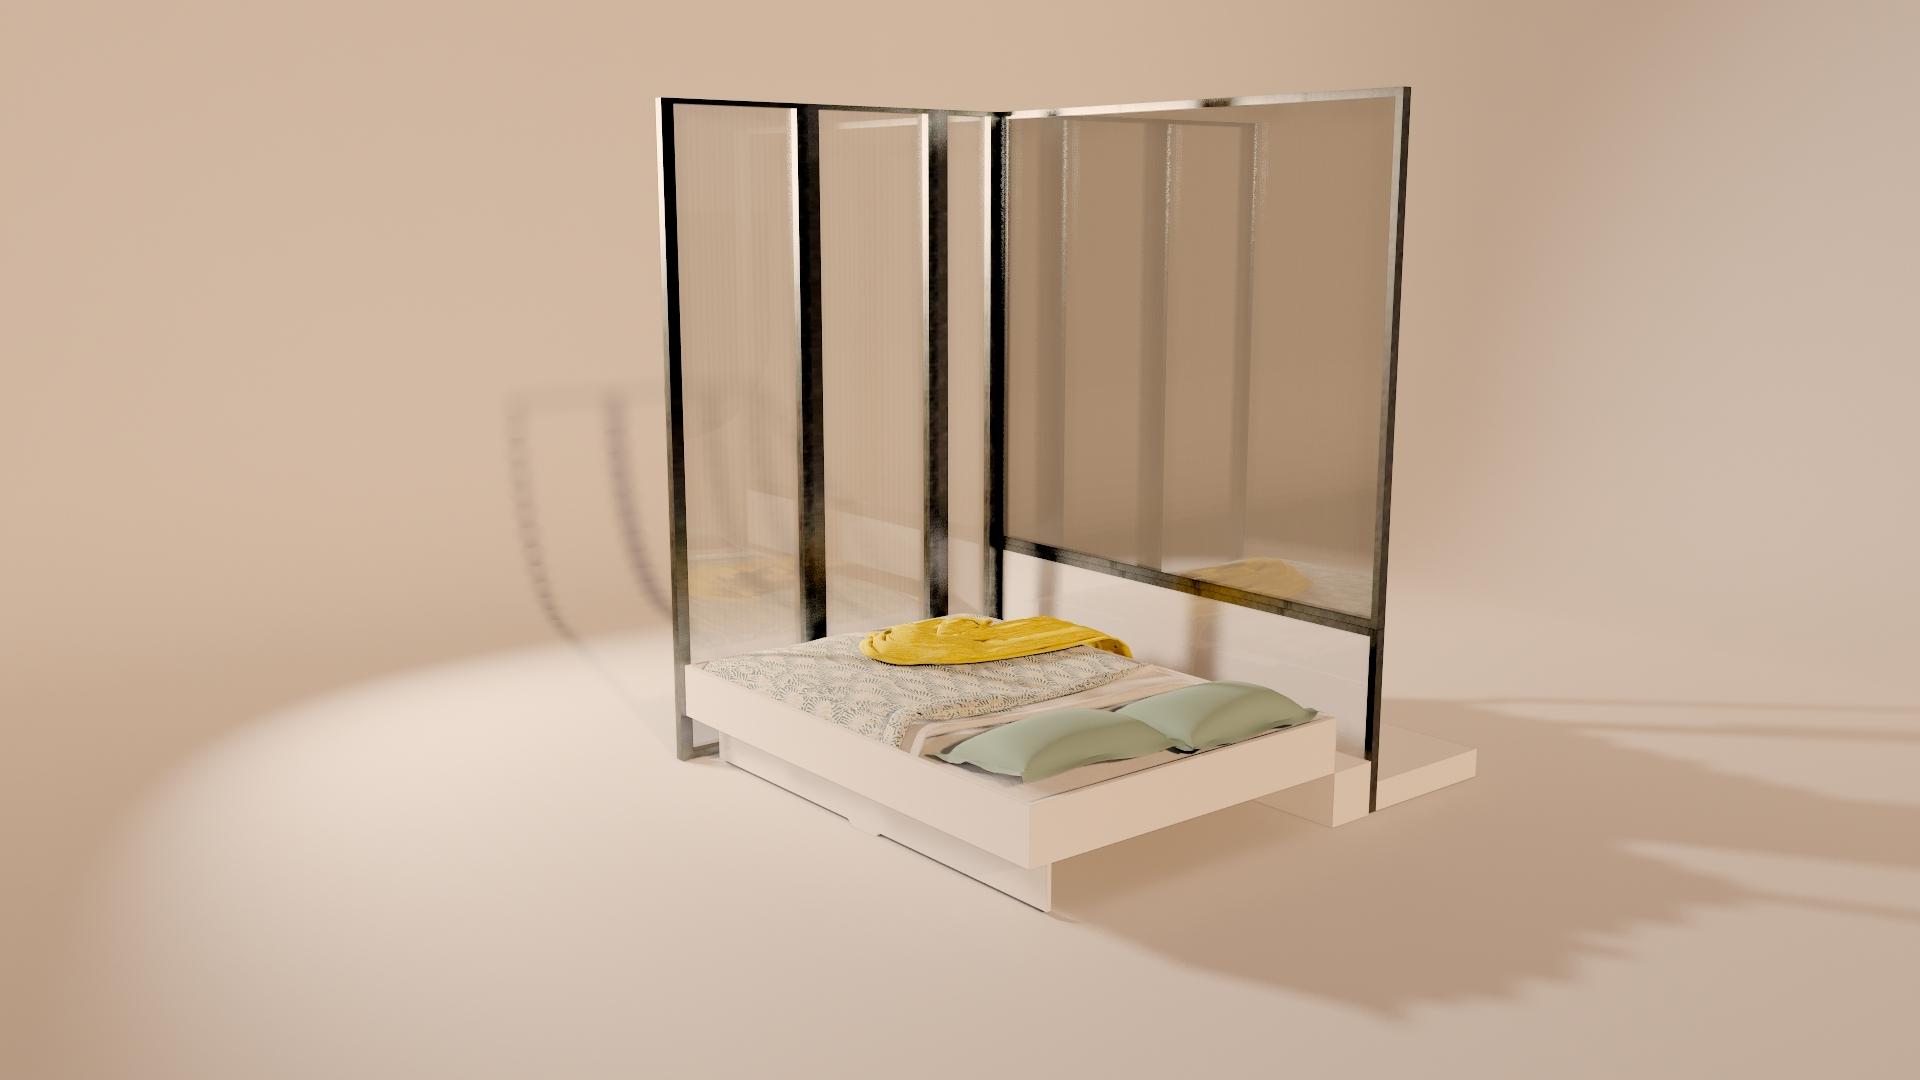 cloison-portefeuille-lit-2-places-produit-designer-interieur-frederic-tabary